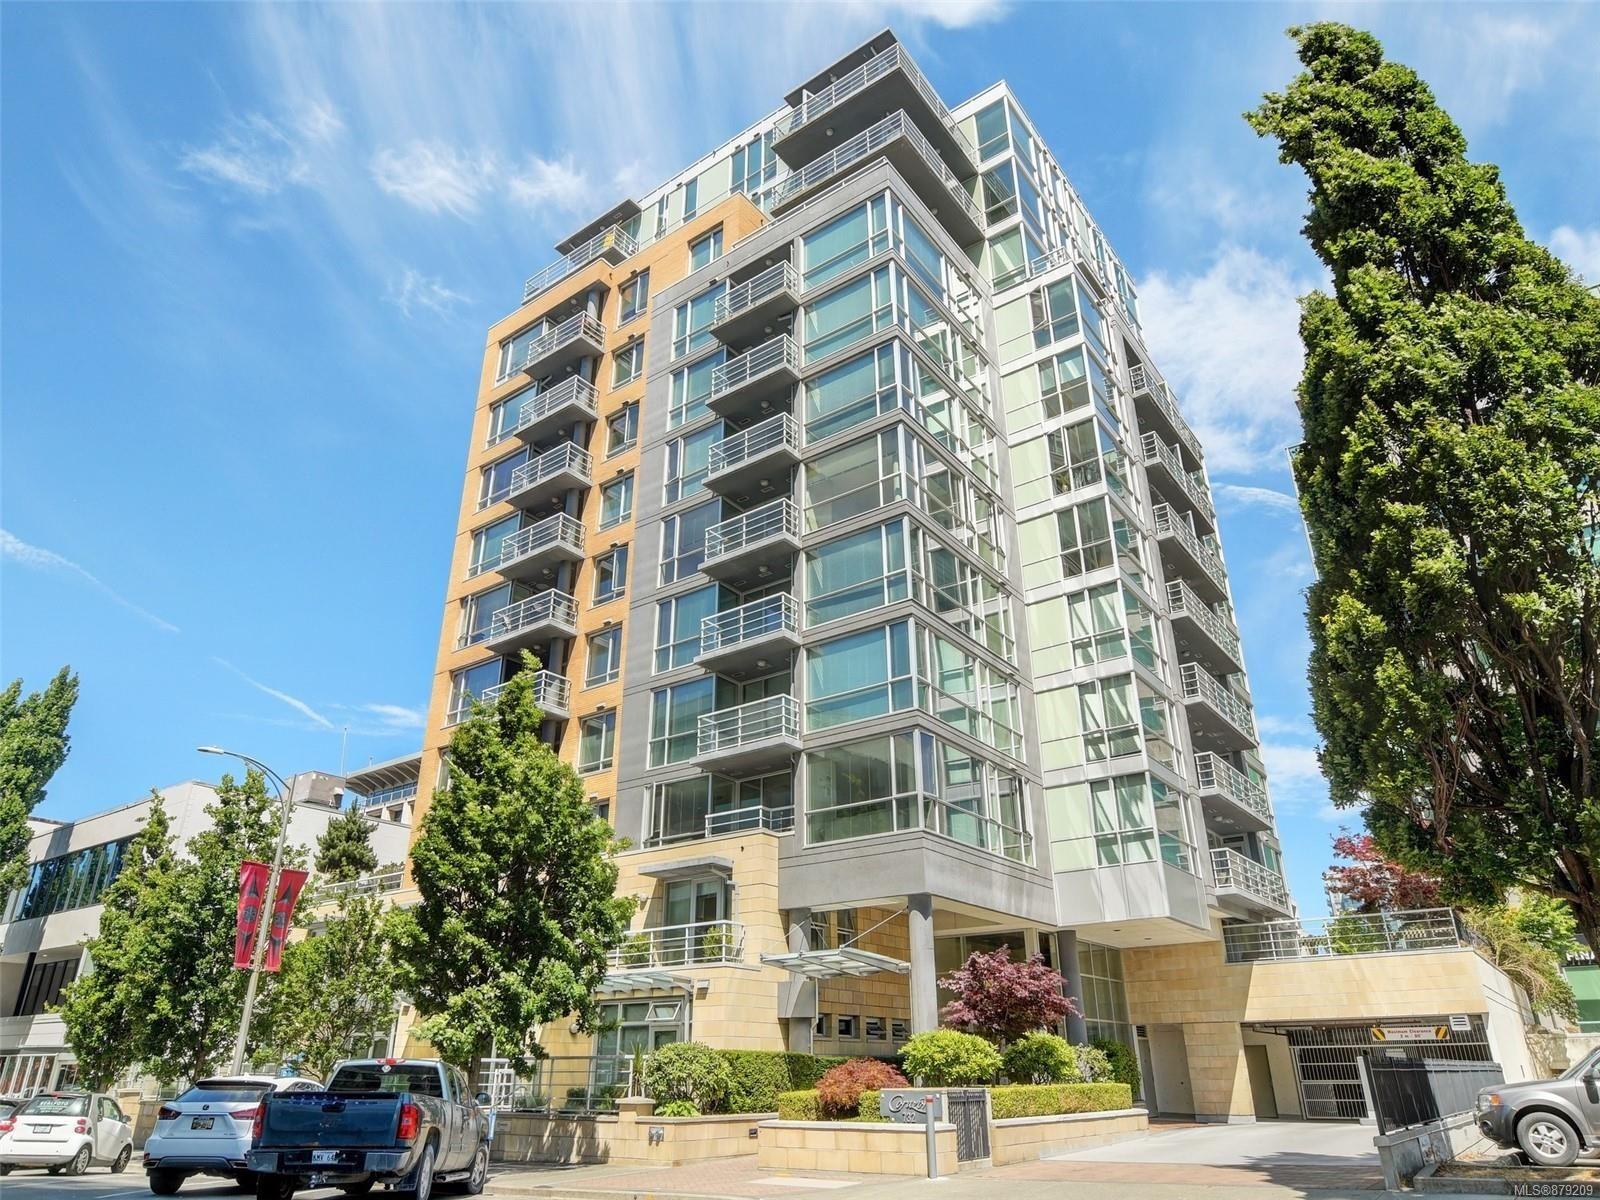 Main Photo: 606 732 Cormorant St in : Vi Downtown Condo for sale (Victoria)  : MLS®# 879209